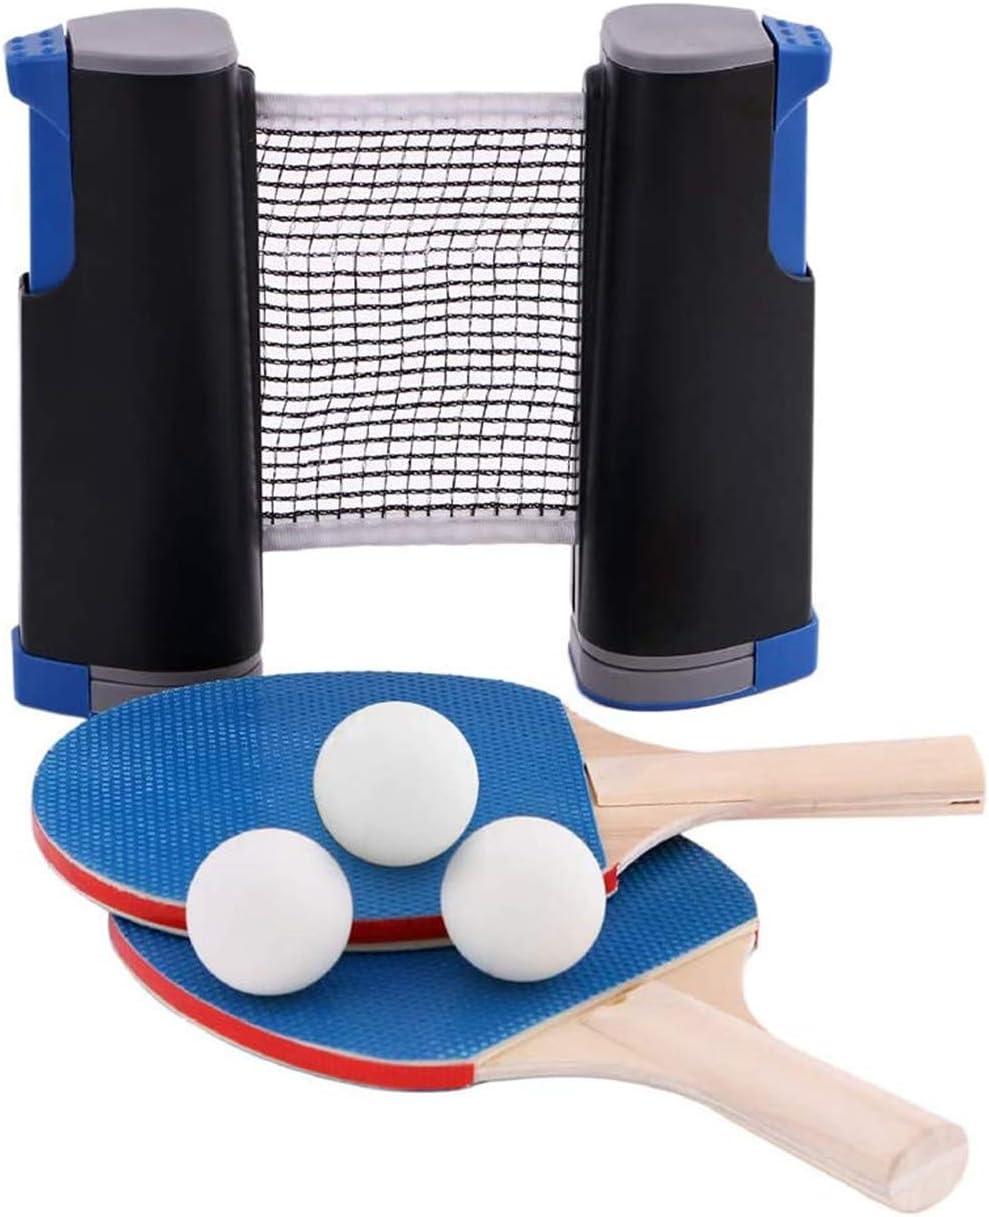 PXD913 Juego de Ping Pong portátil, 2 Palos de Tenis de Mesa, 3 Pelotas Blancas, 1 Red retráctil Negra, Red Extensible de Tenis retráctil IR a Cualquier Parte, para niños Adultos Juego